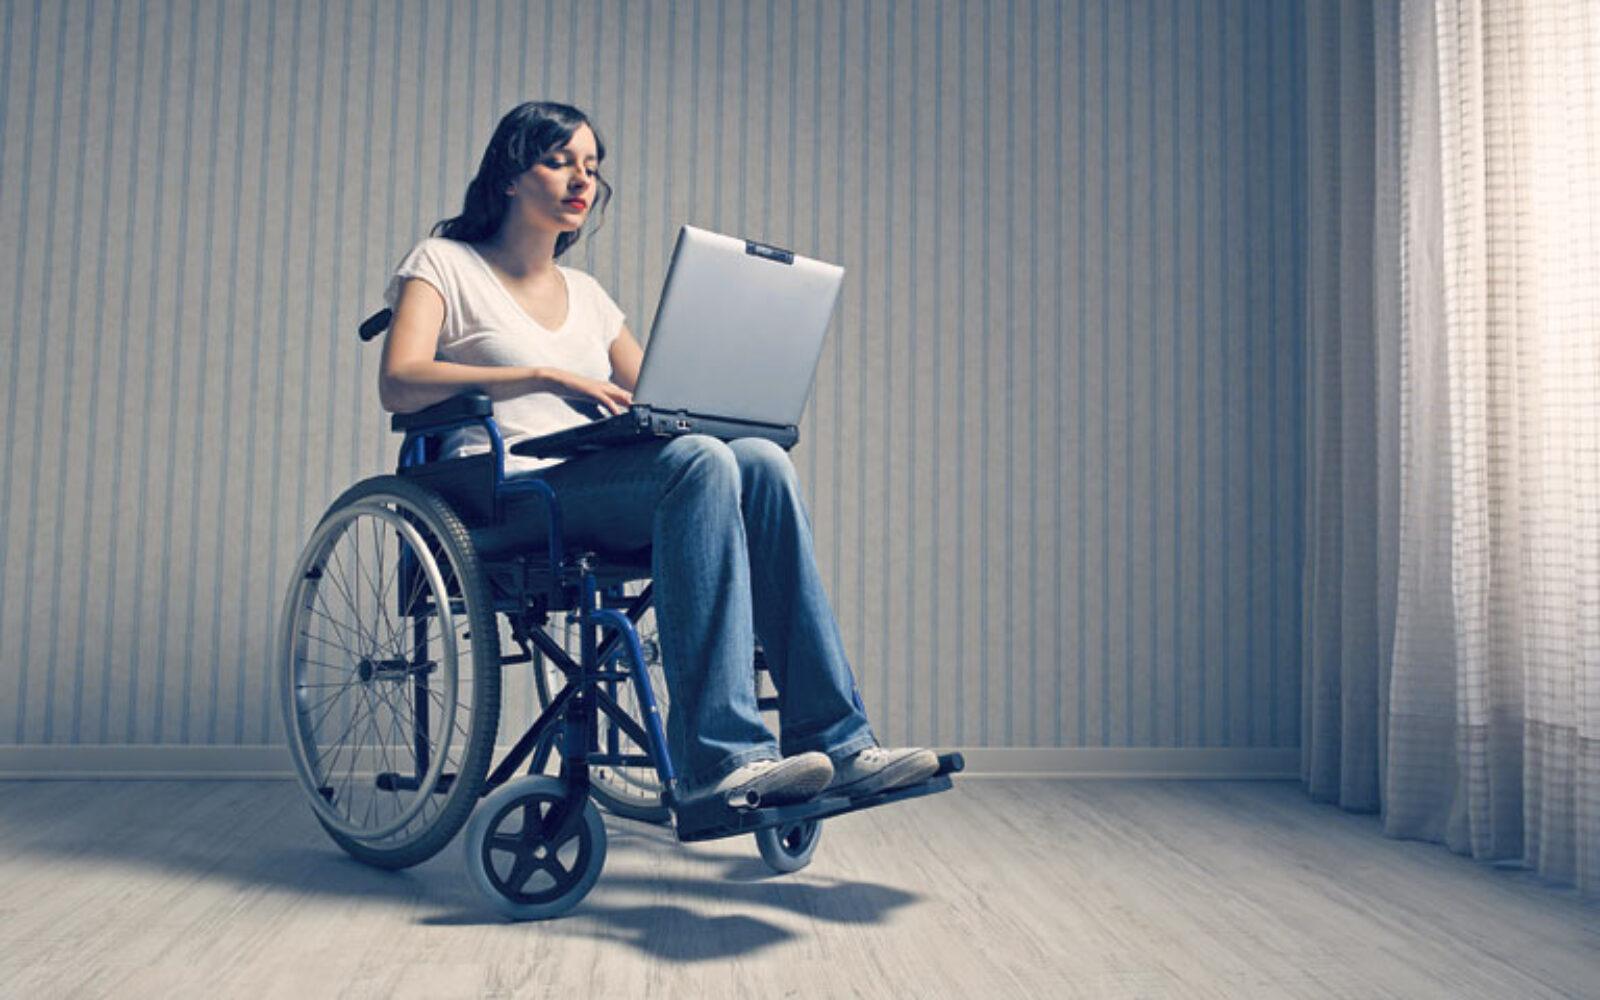 Tvrtke sve češće zapošljavaju osobe s invaliditetom - Poslovni dnevnik